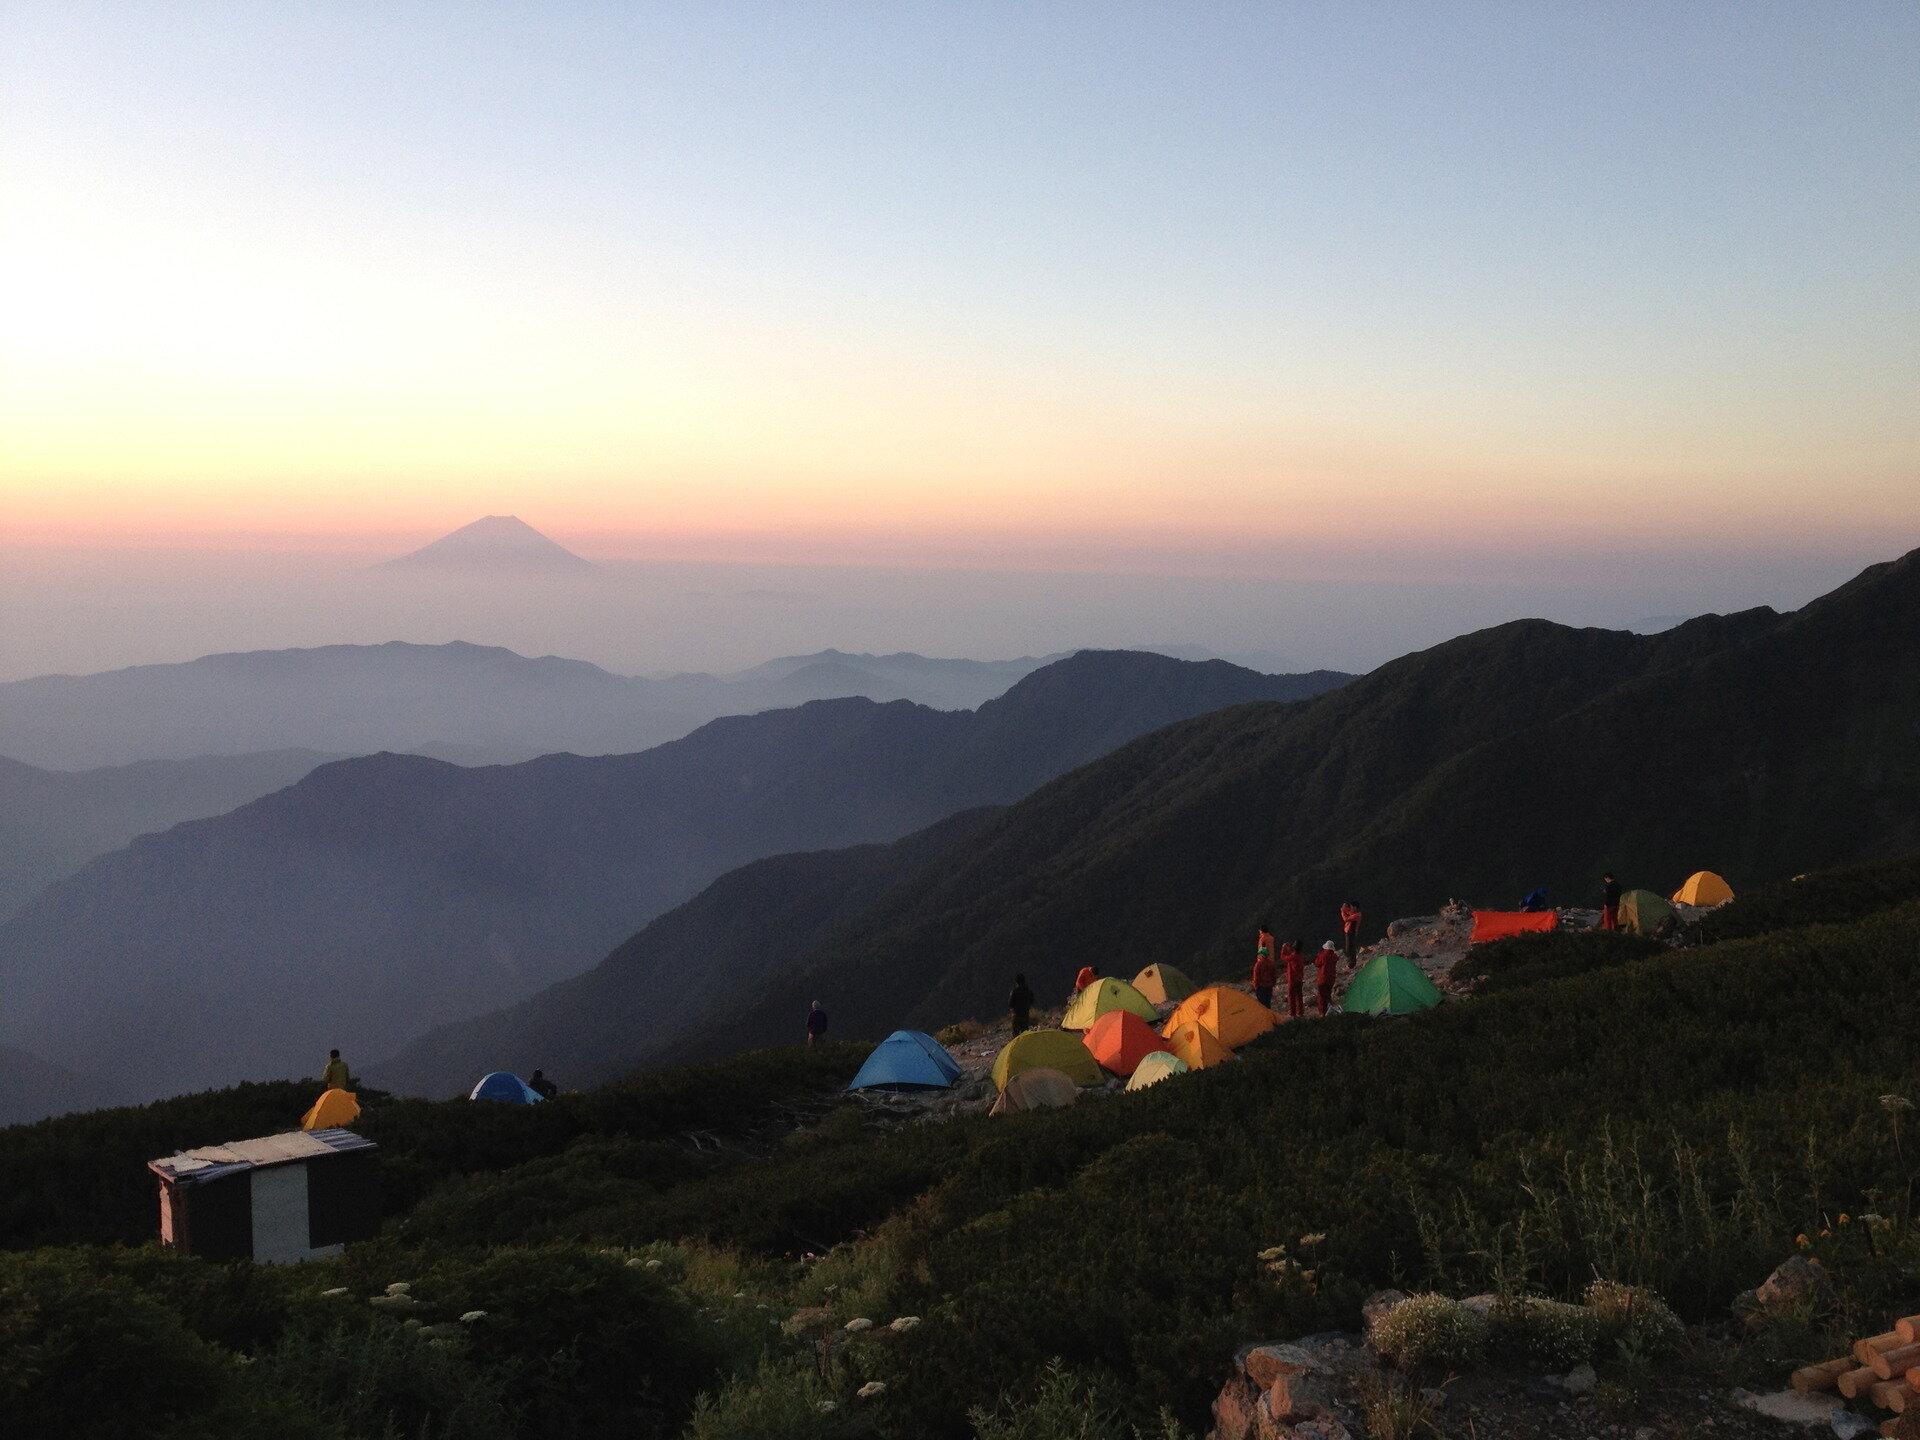 【日本で2番目に高い山】北岳に登る!世界遺産富士山を一番きれいに眺められる山!帰りに温泉